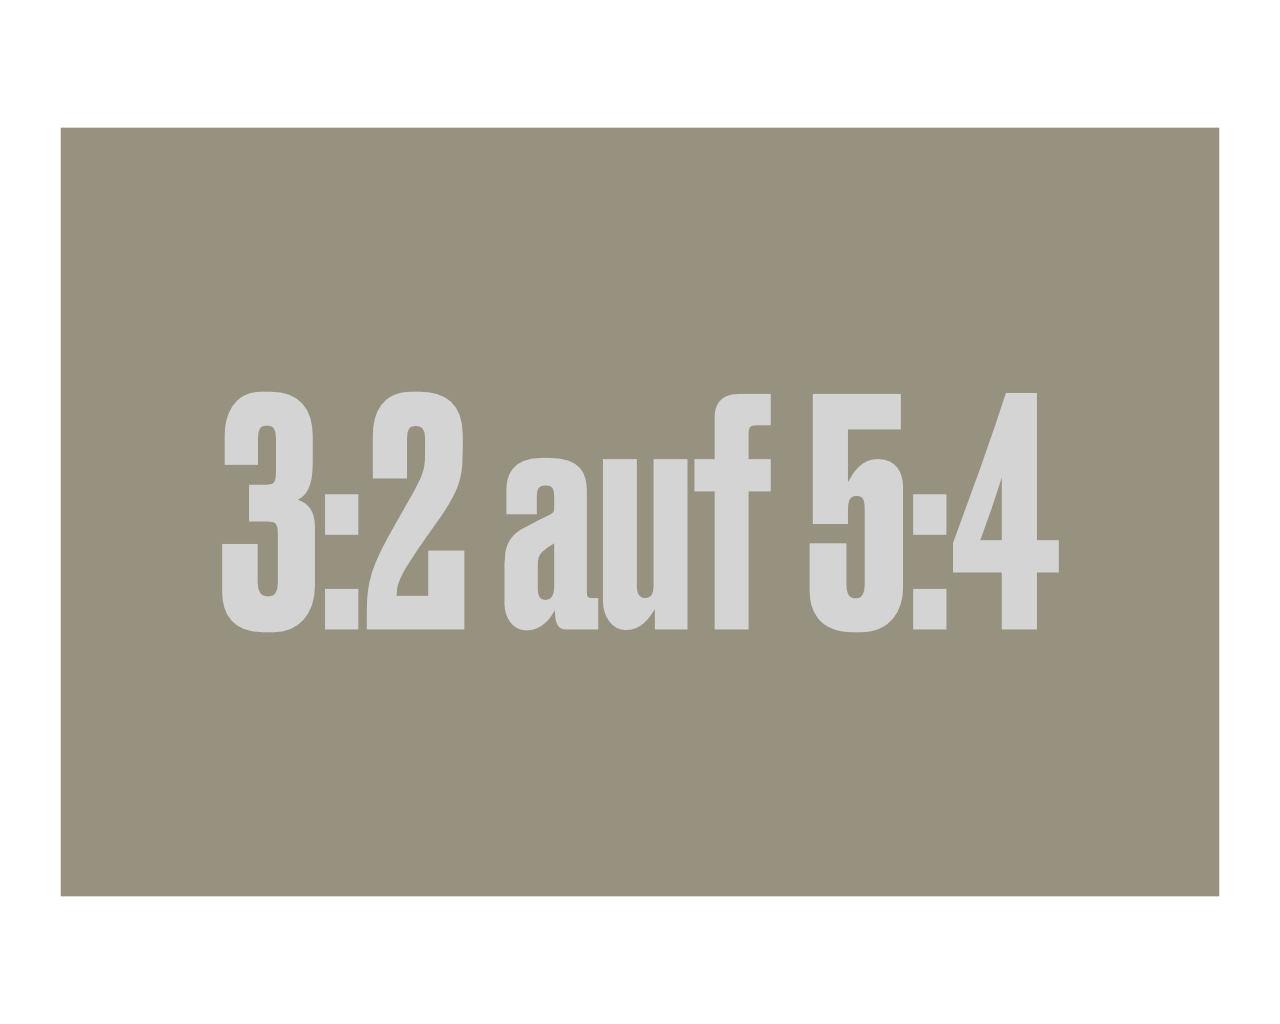 Darstellung der Formate drei zu auf fünf zu vier